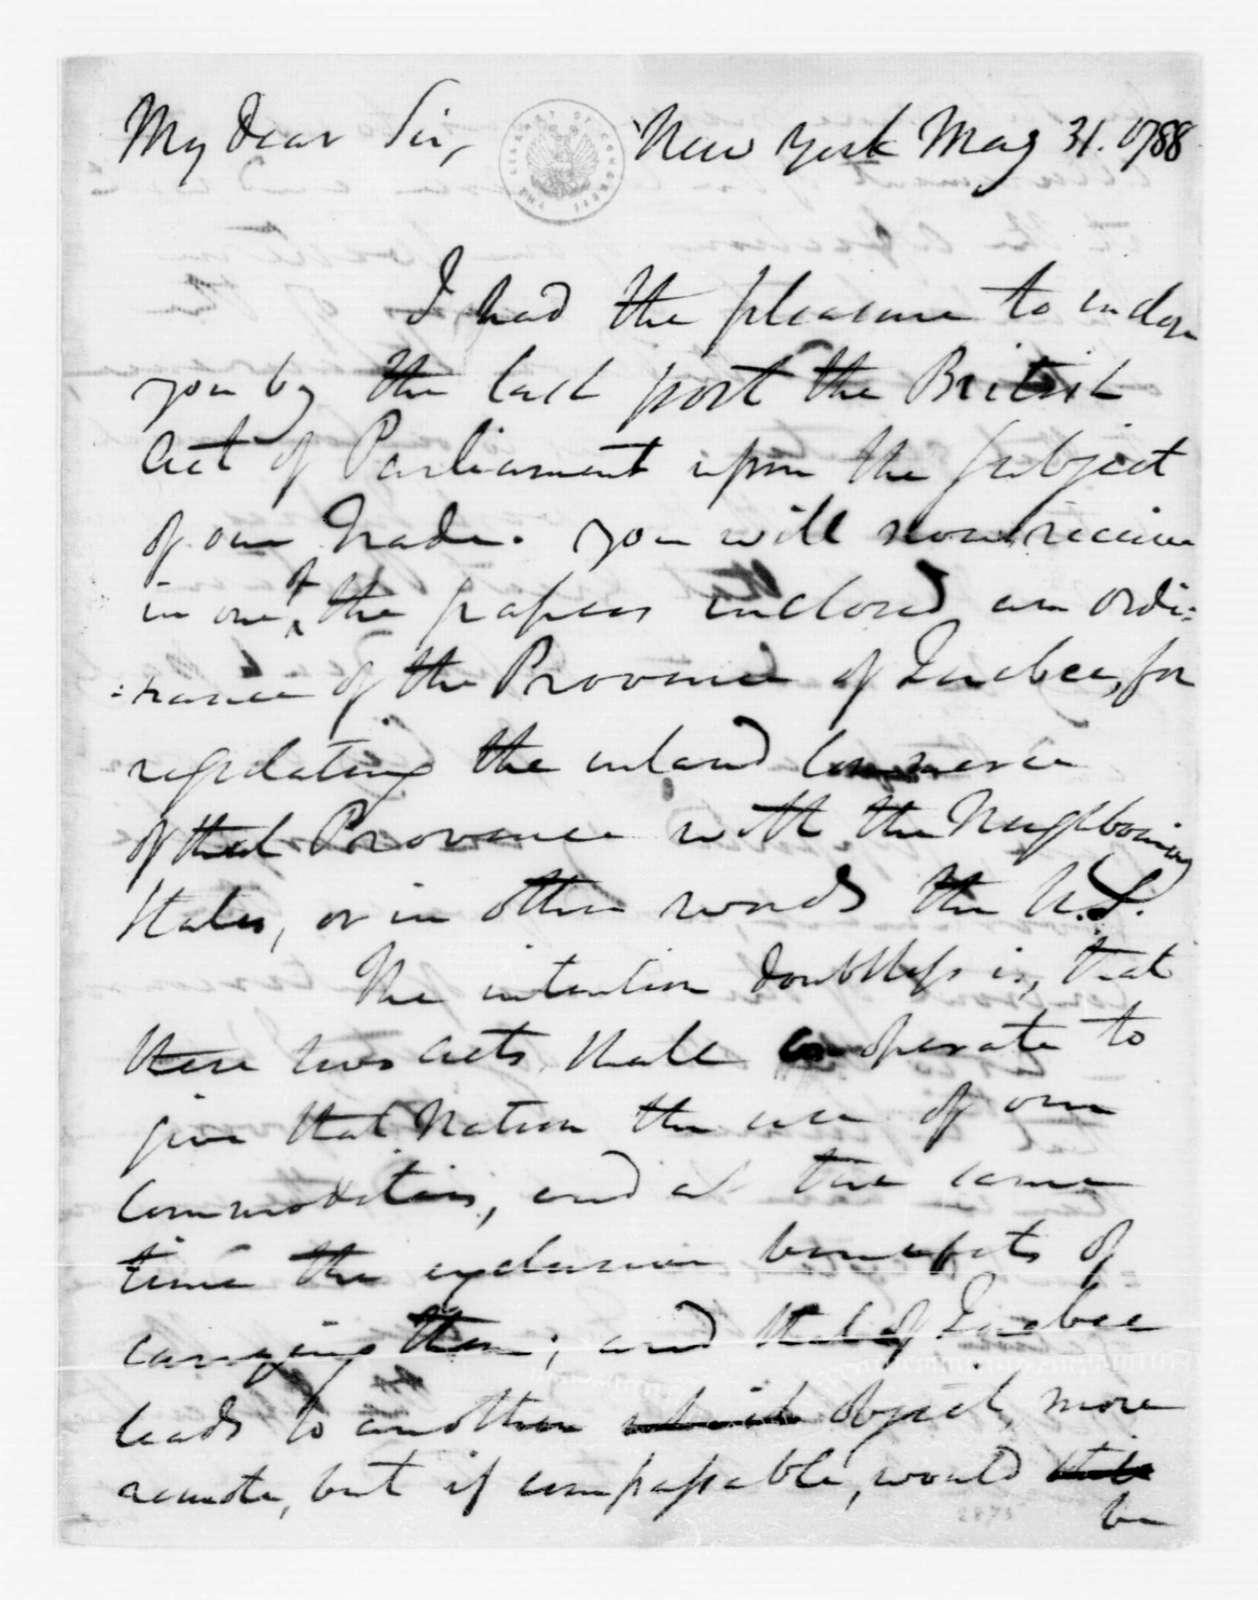 Edward Carrington to James Madison, May 31, 1788.